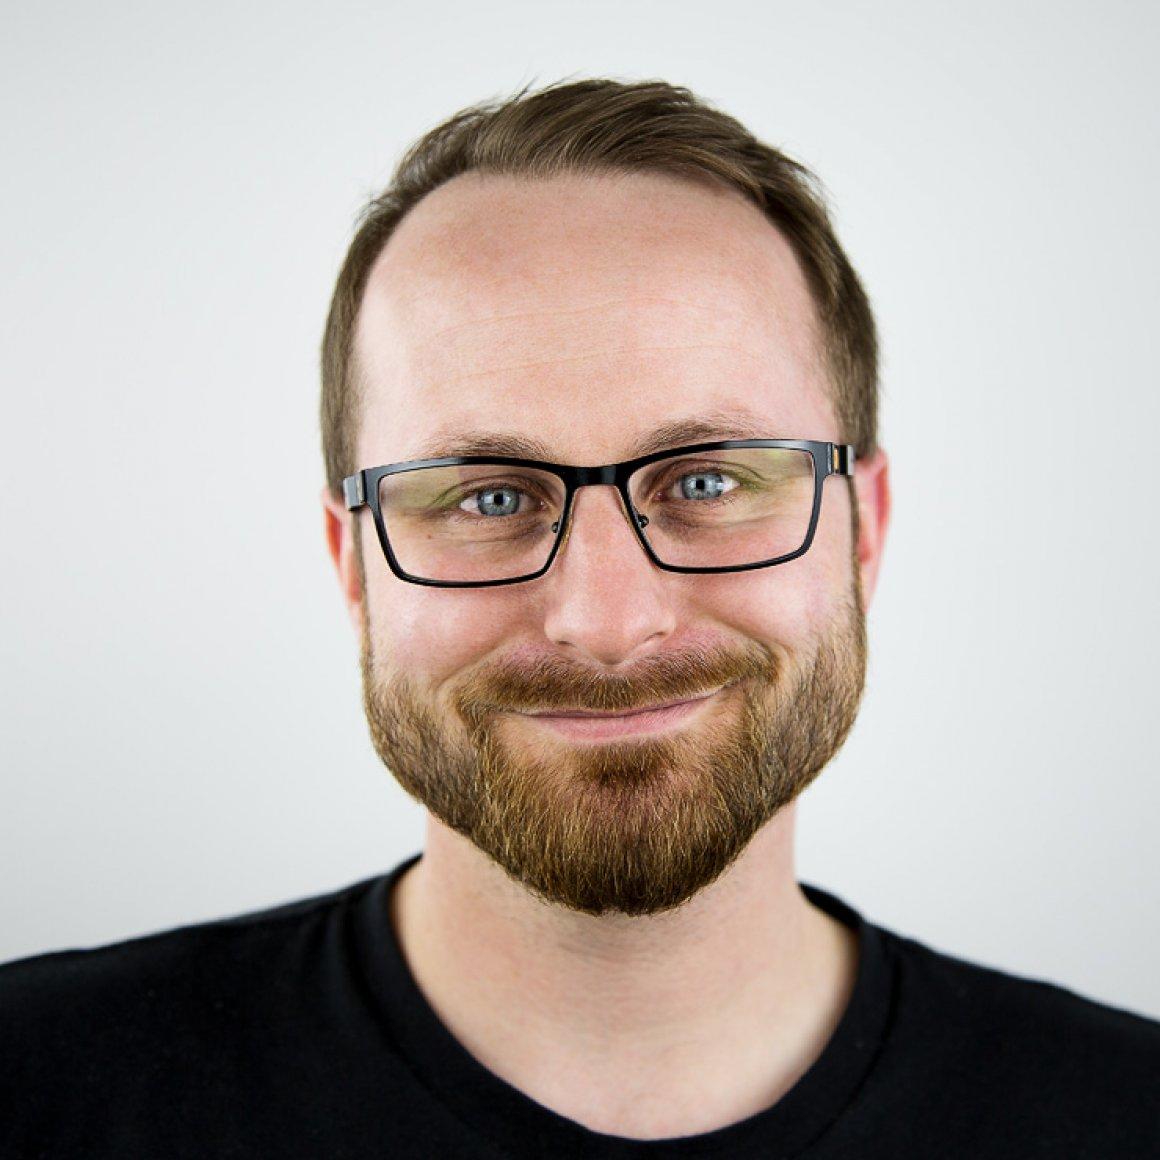 Erik-psmedia